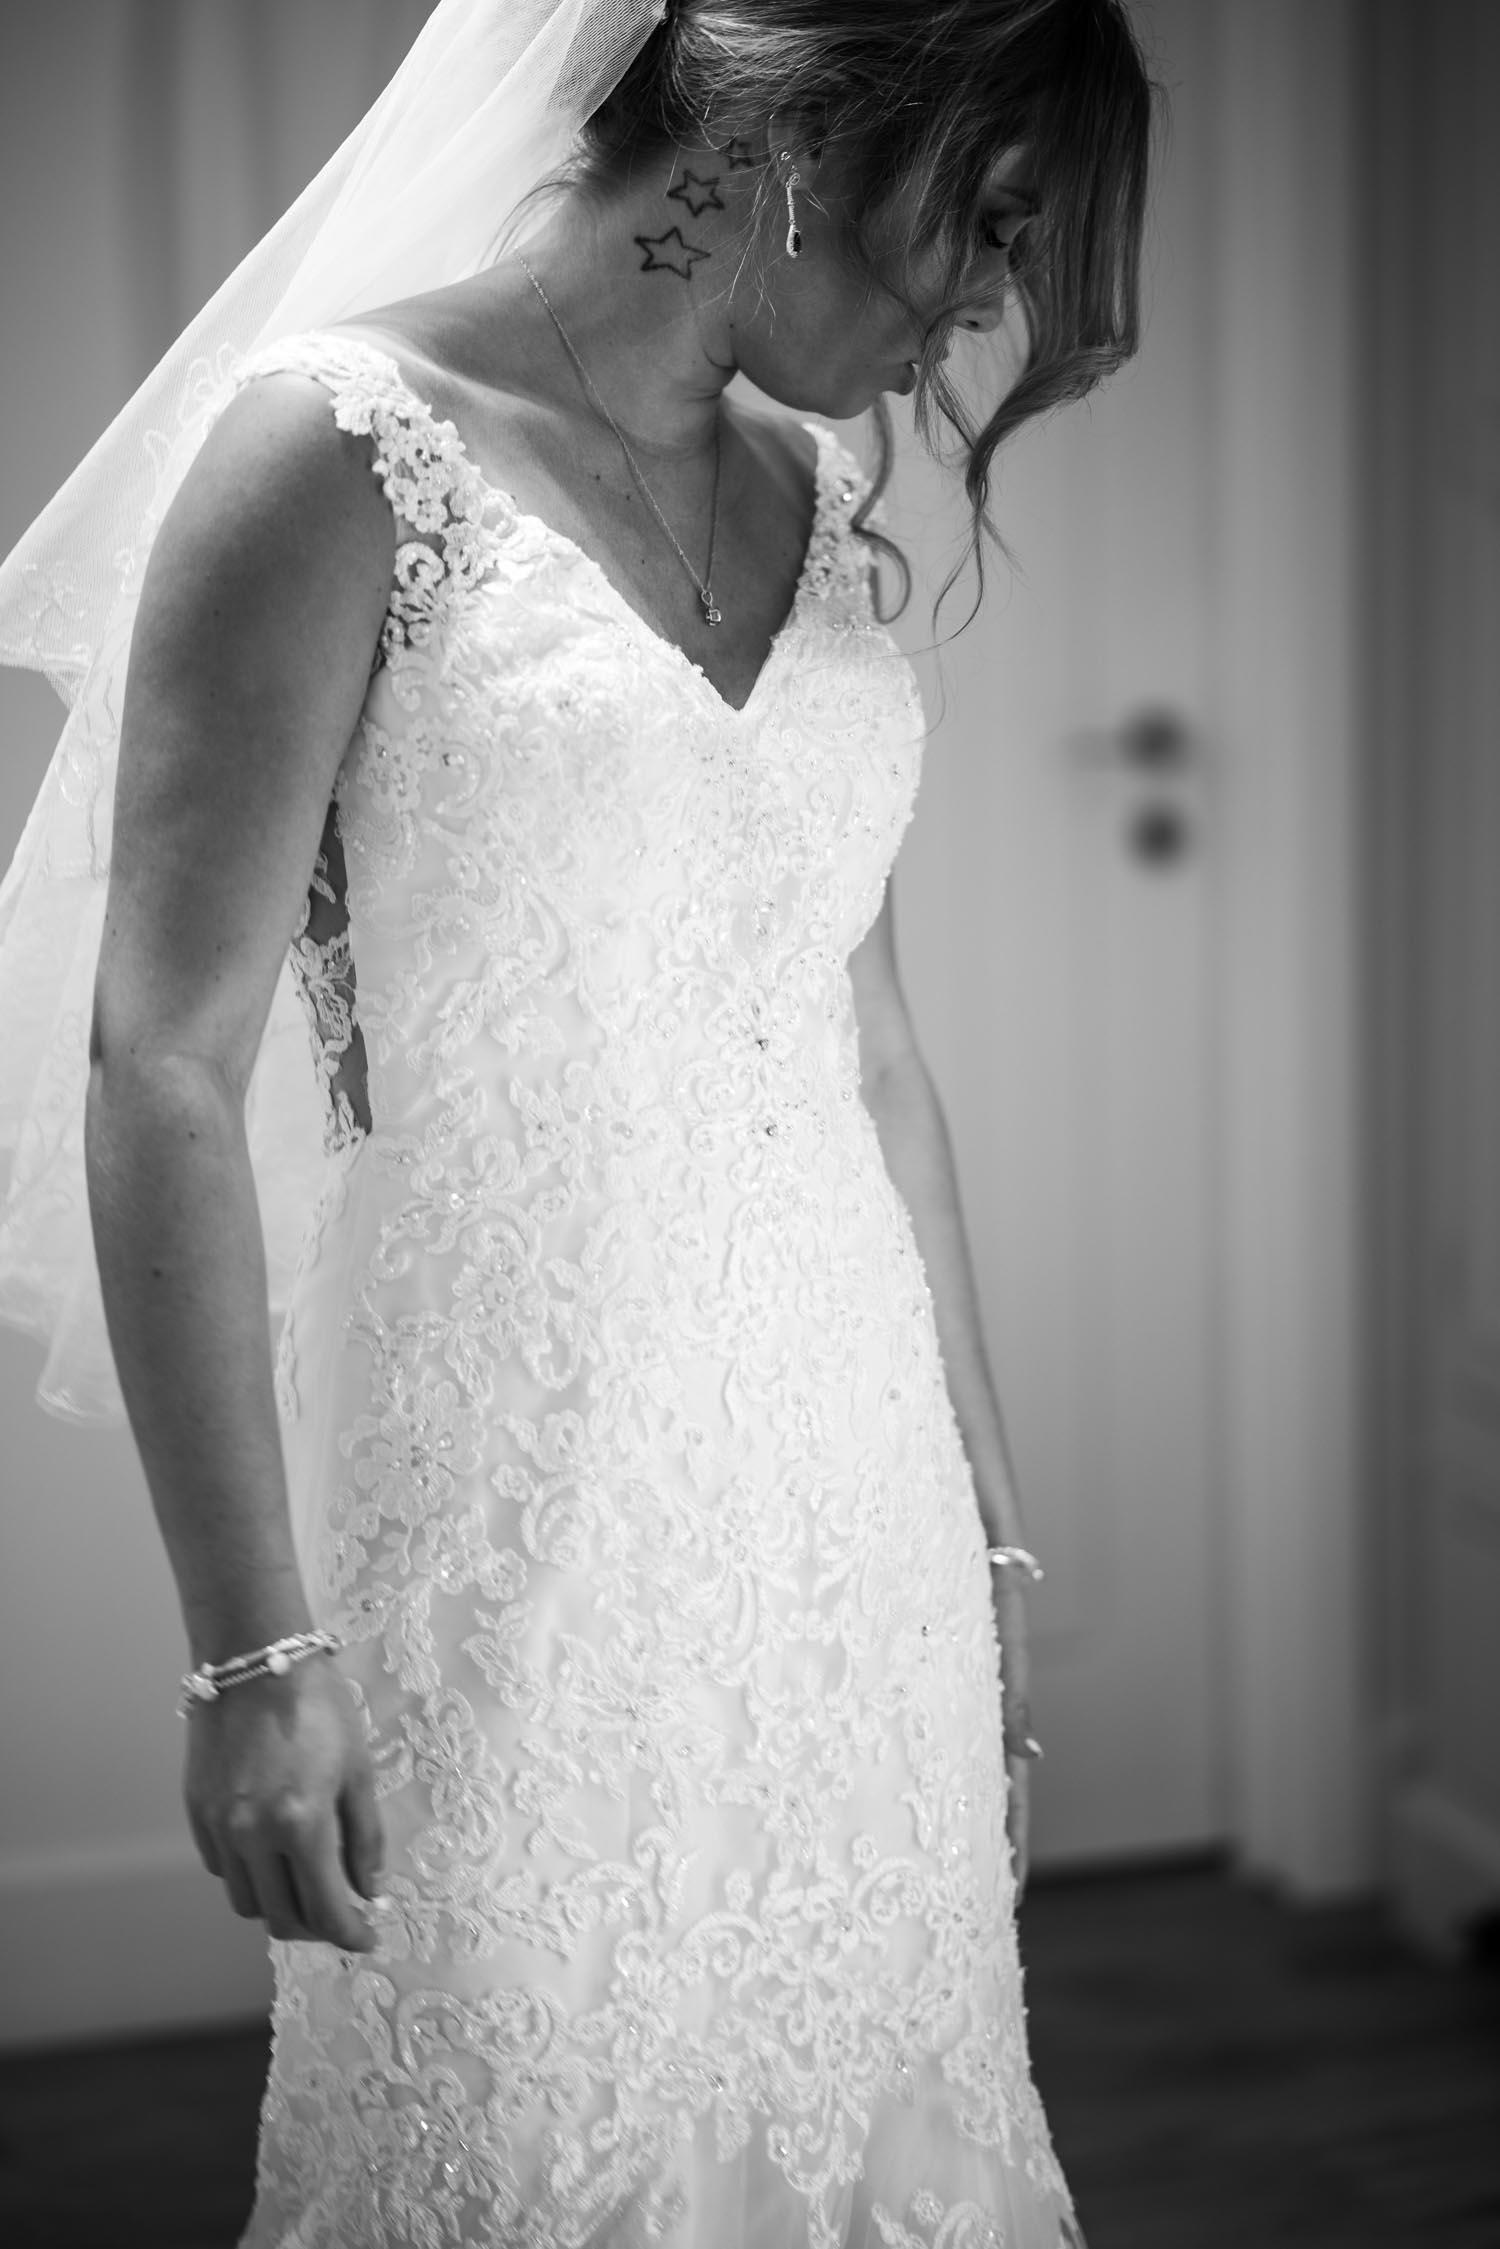 A beatiful bride